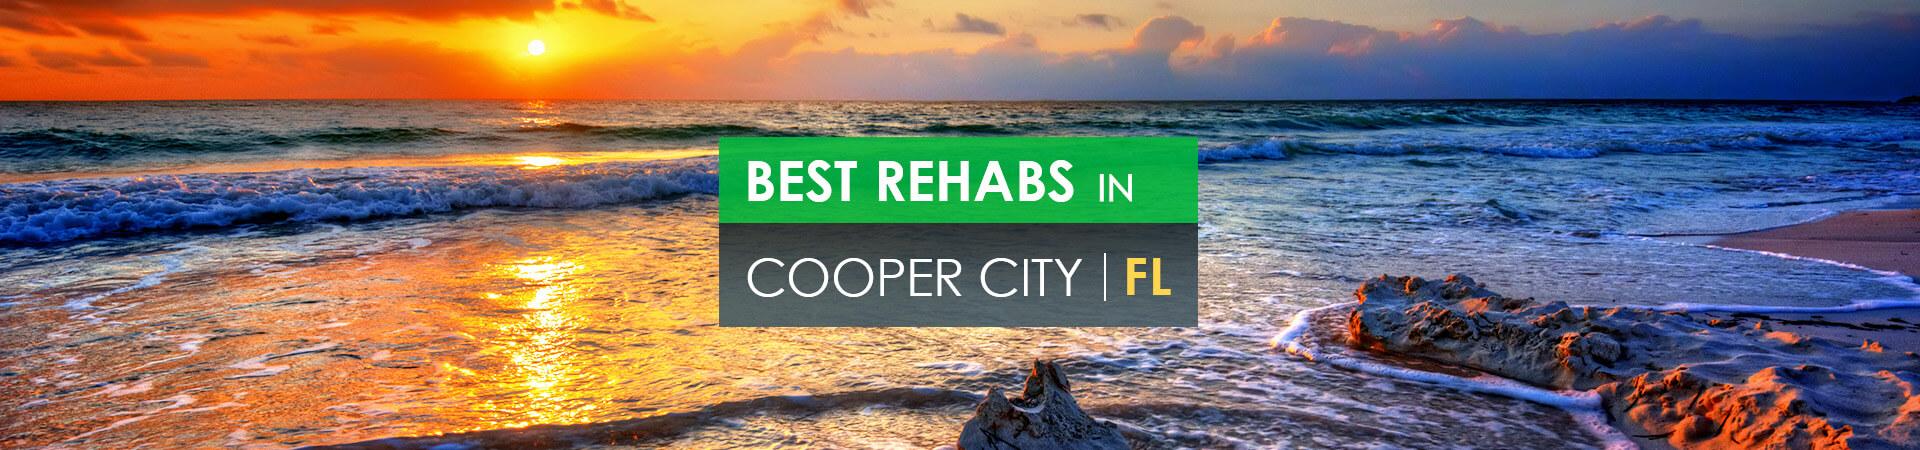 Best rehabs in Cooper City, FL